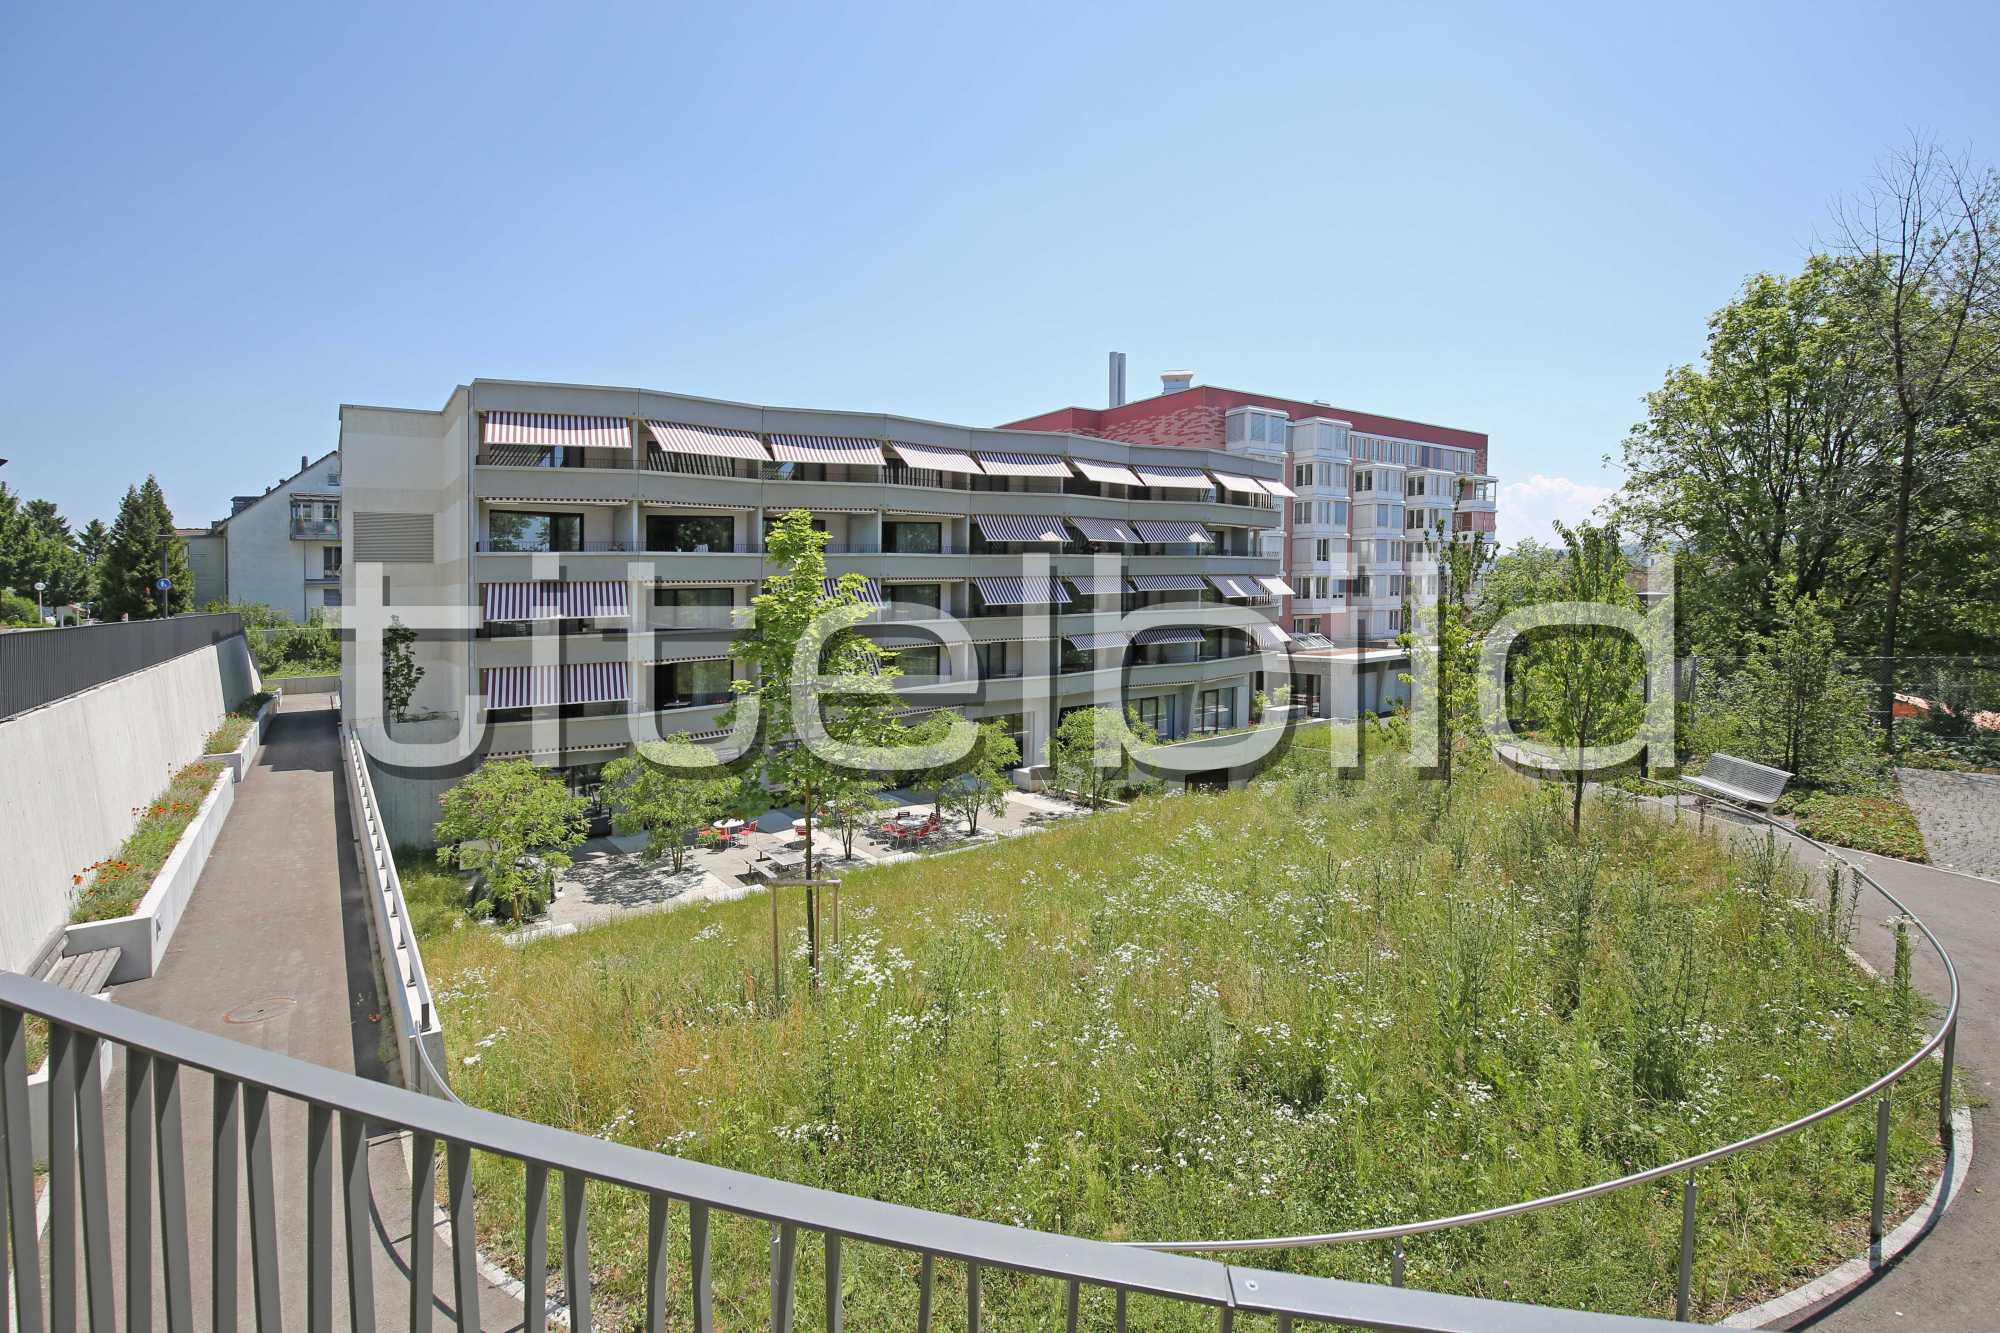 Projektbild-Nr. 6: Wägelwiesen Alters- und Pflegezentrum